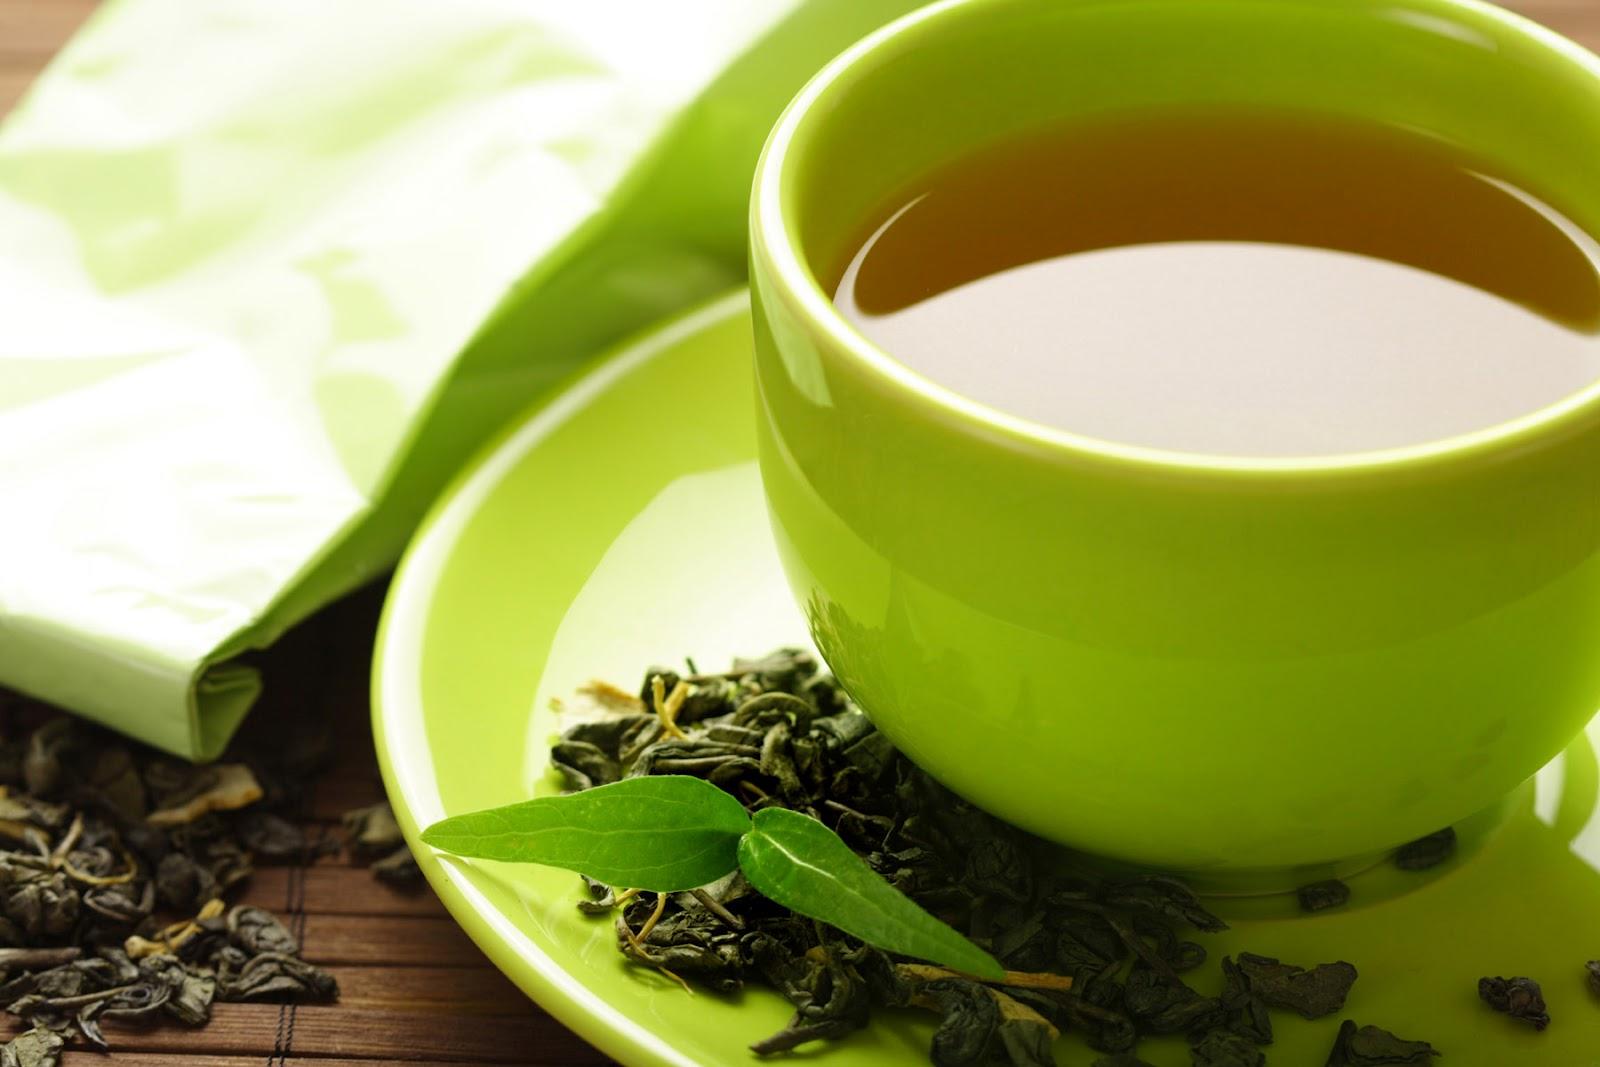 чай для похудения в аптеках какой